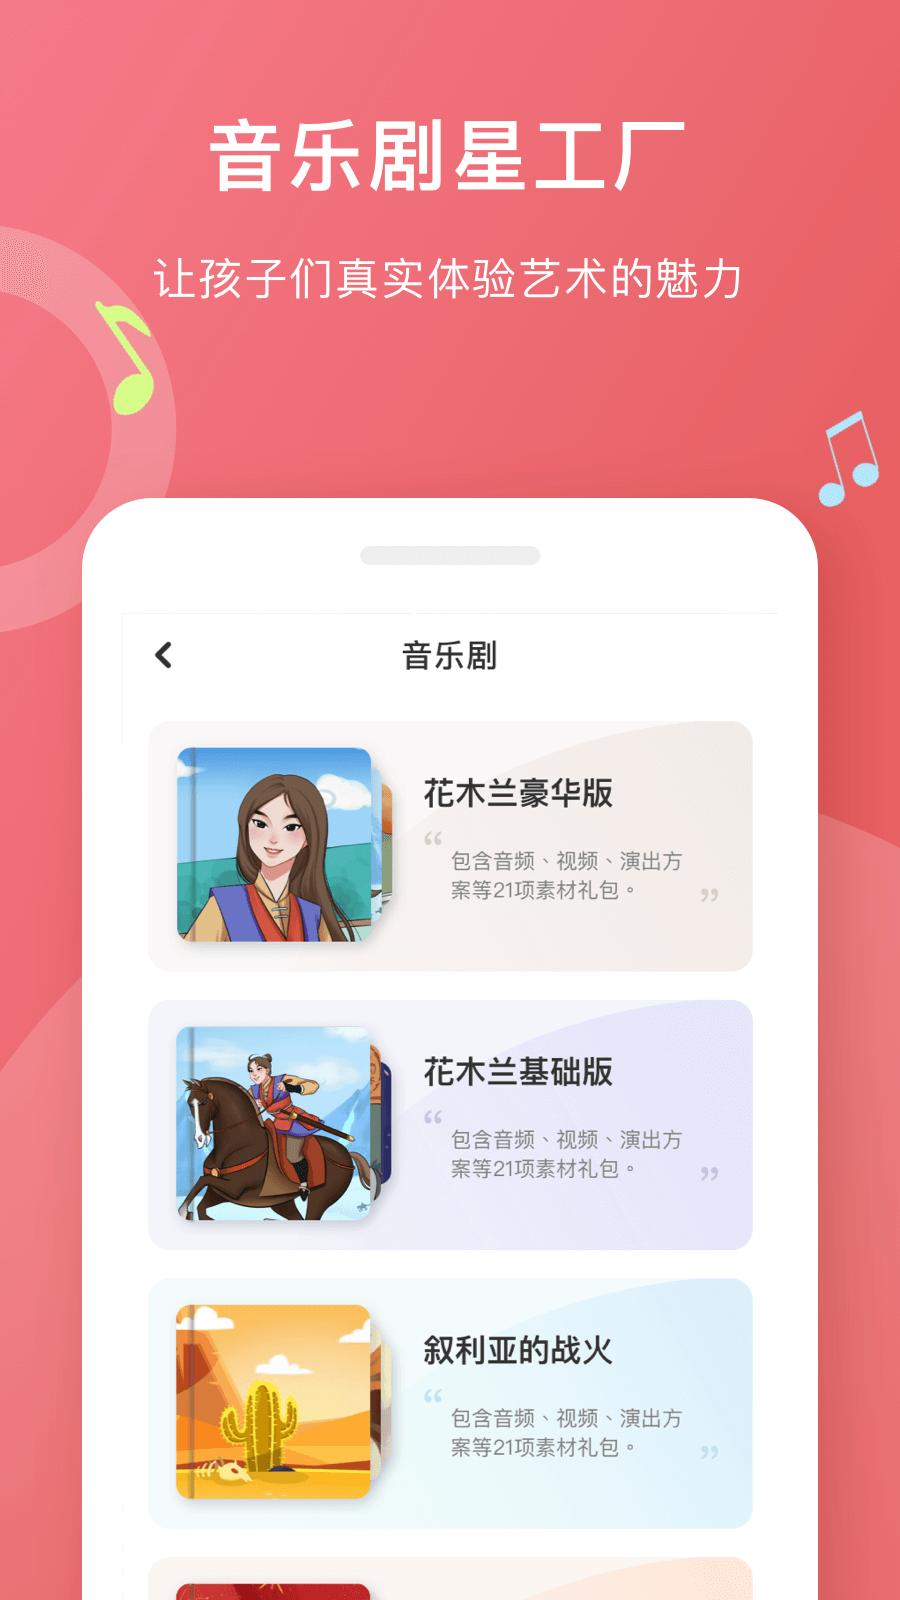 爱小艺学生 V1.6.0 安卓版截图5